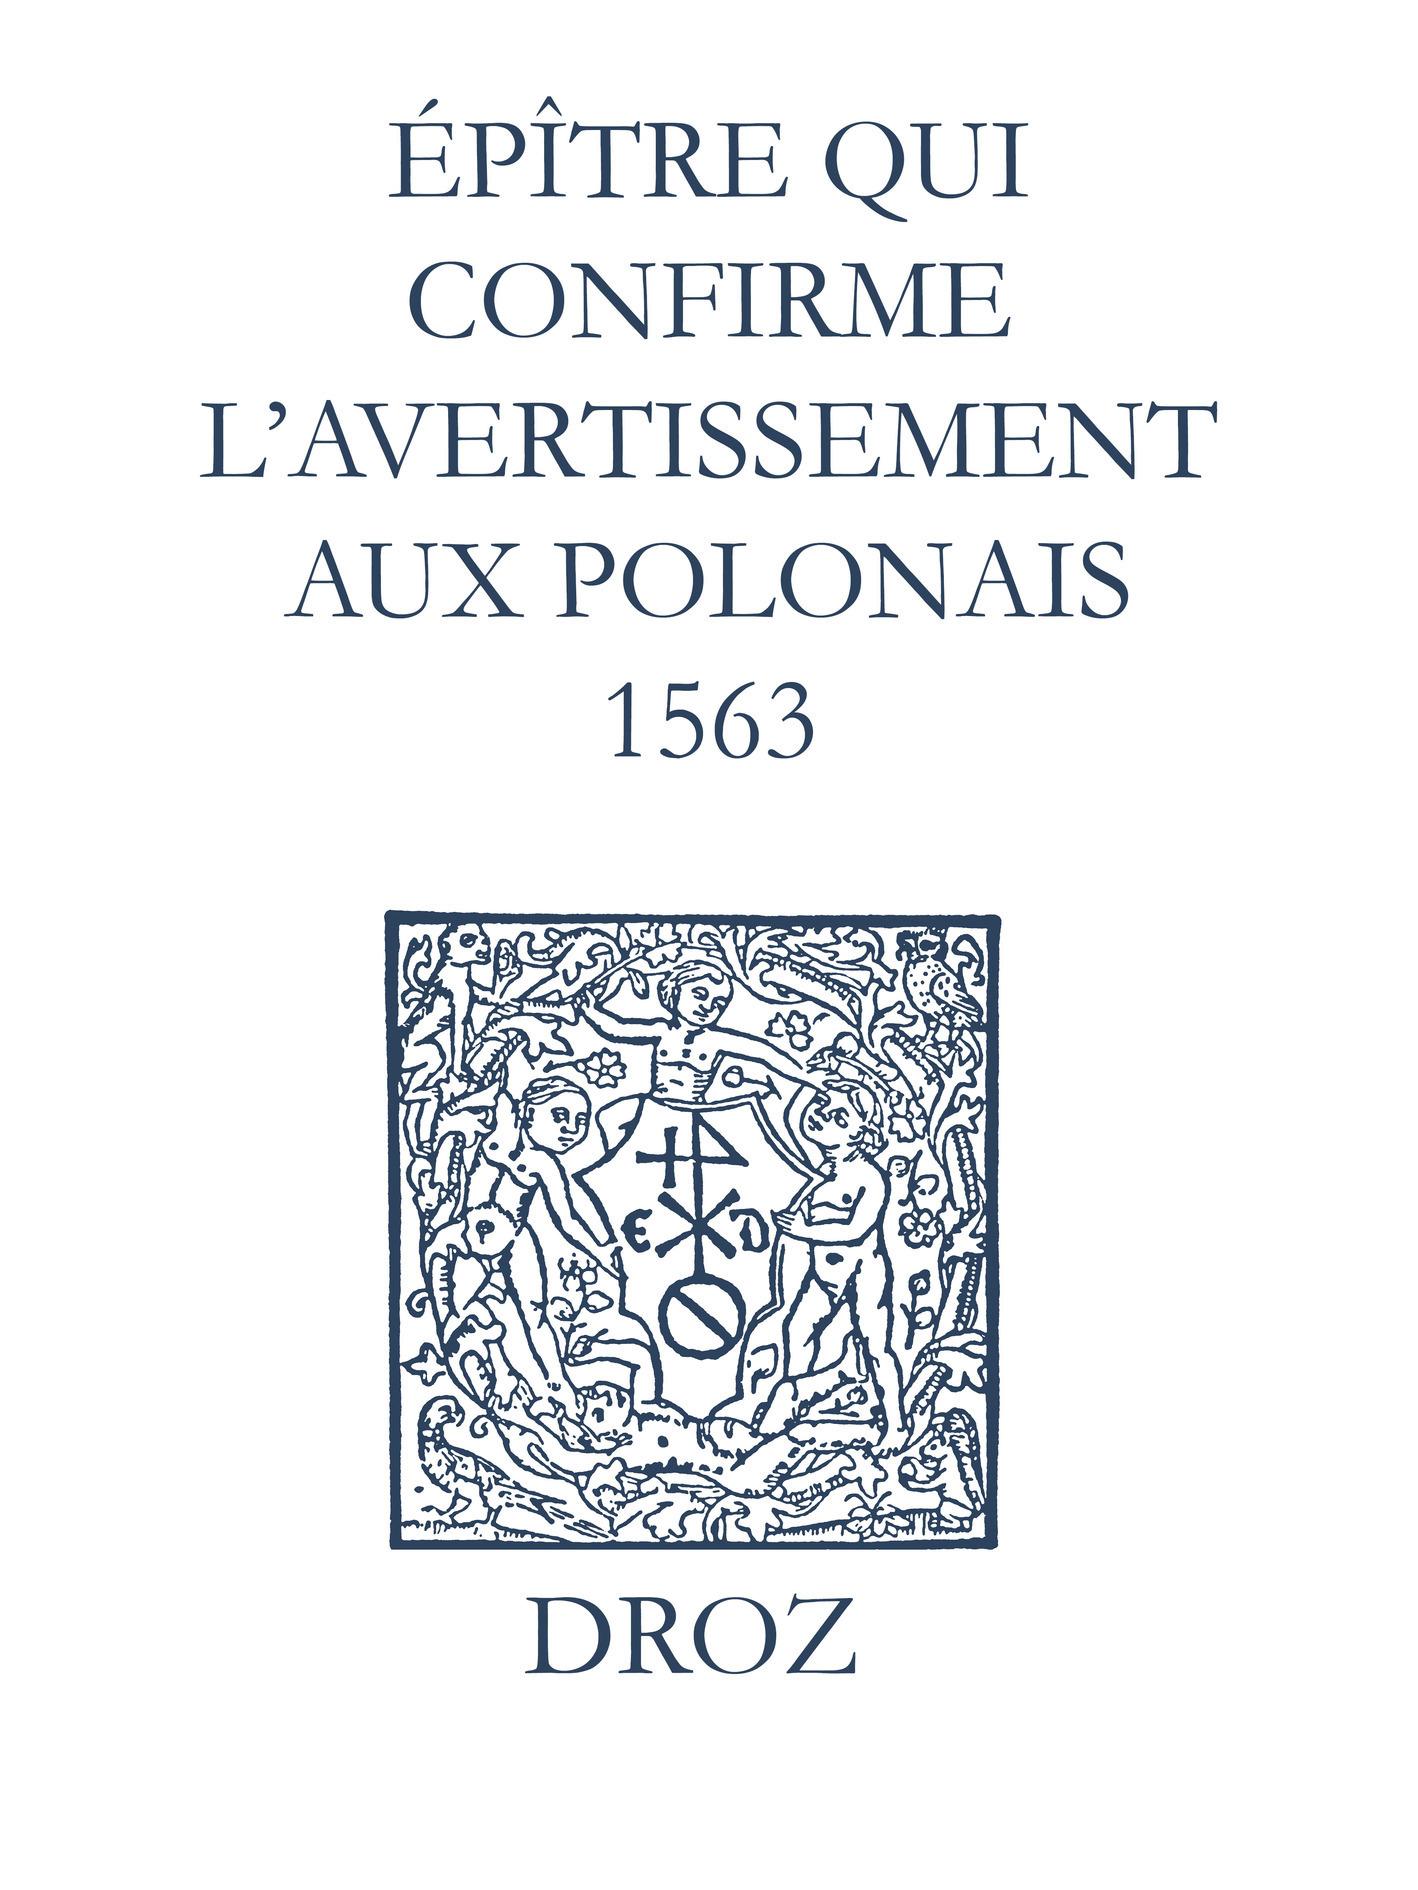 Recueil des opuscules 1566. Épître qui conrme l'avertissement aux Polonais (1563)  - Laurence Vial-Bergon